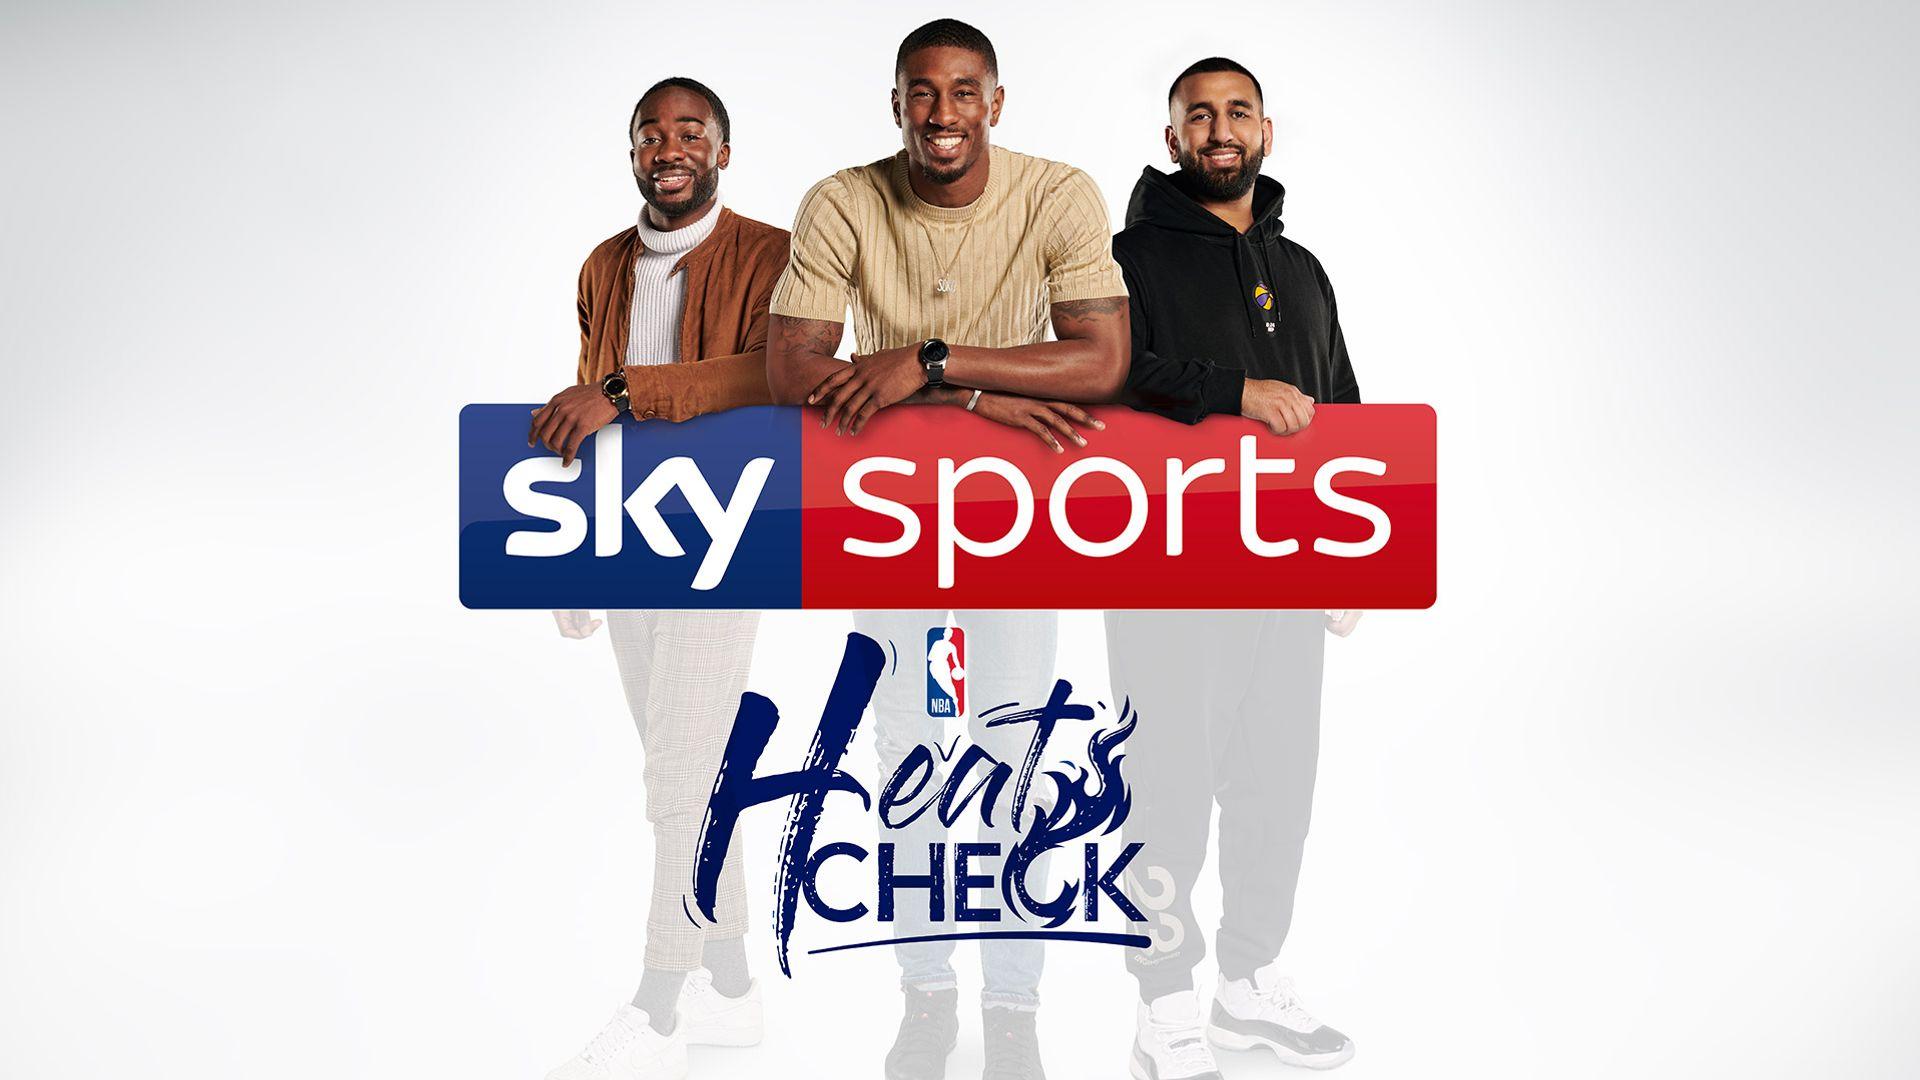 Sky Sports Heatcheck live on YouTube